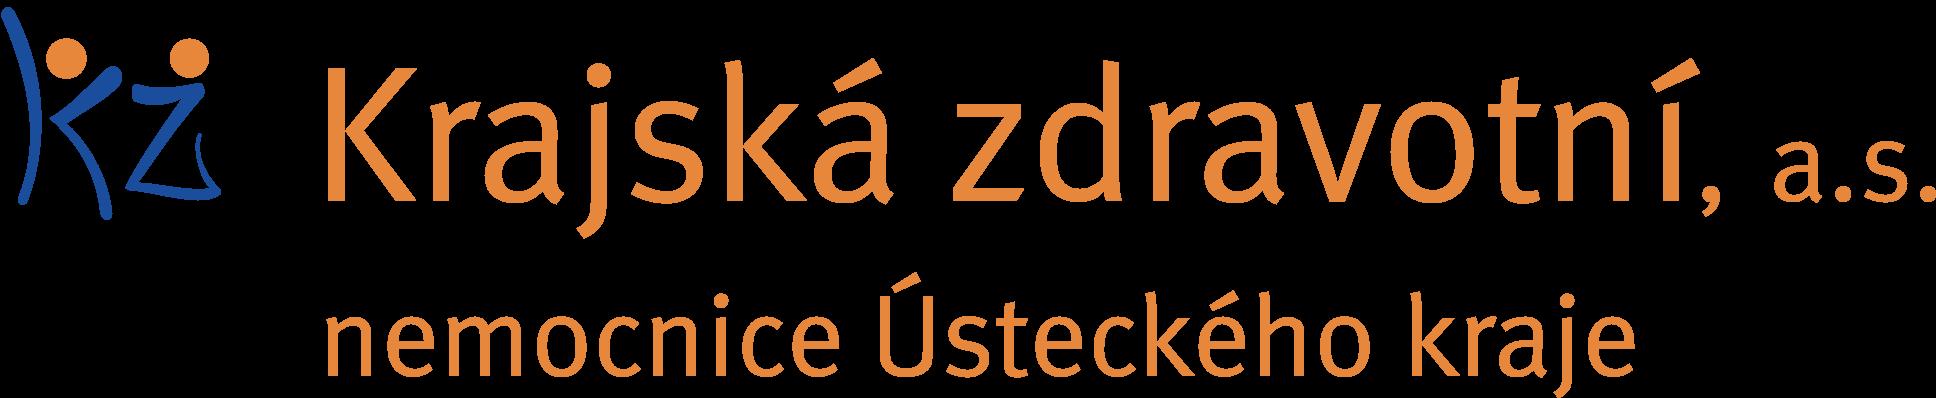 logo KZ